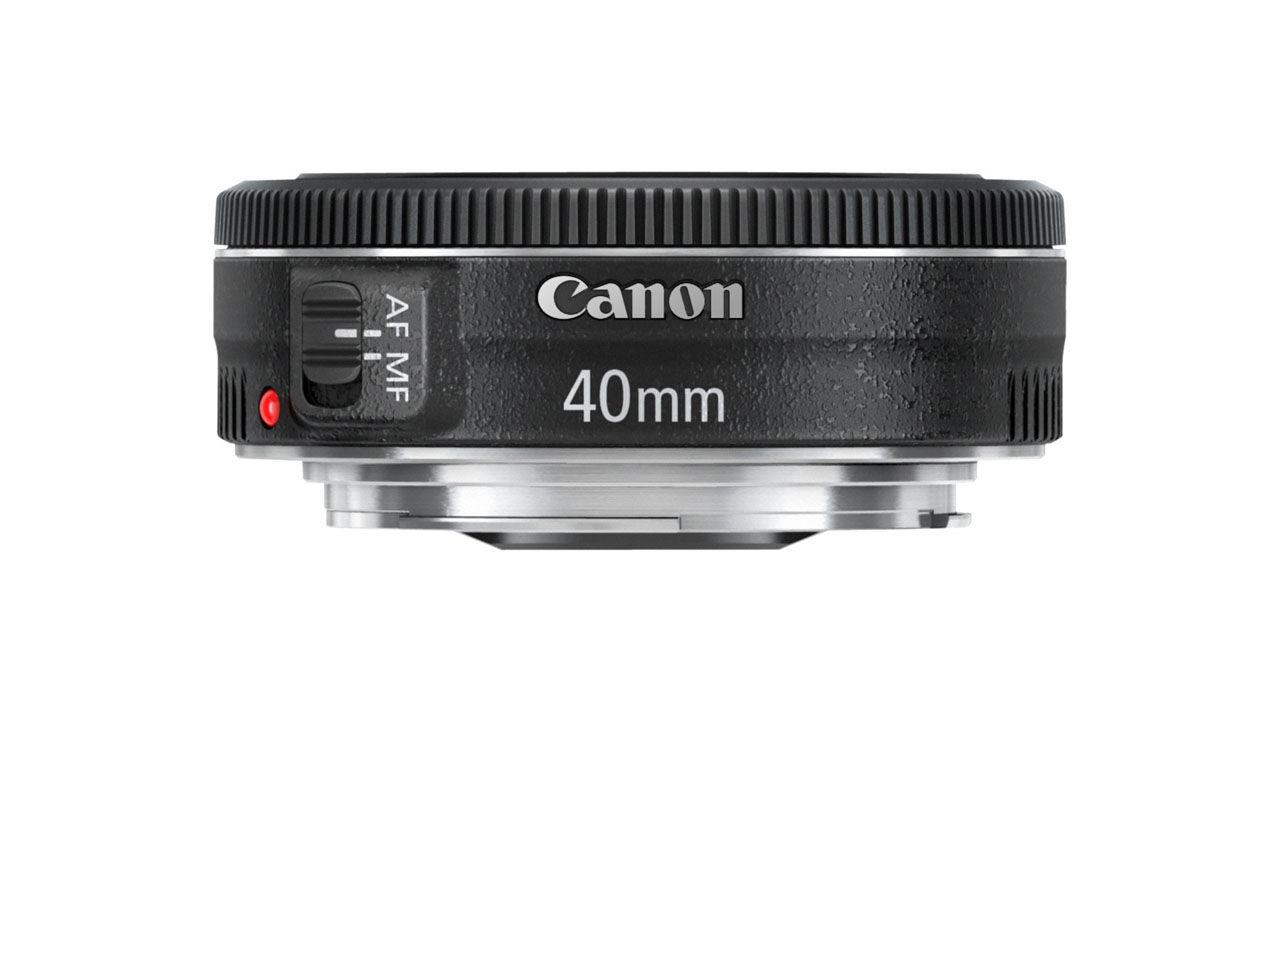 Nya objektiv från Canon